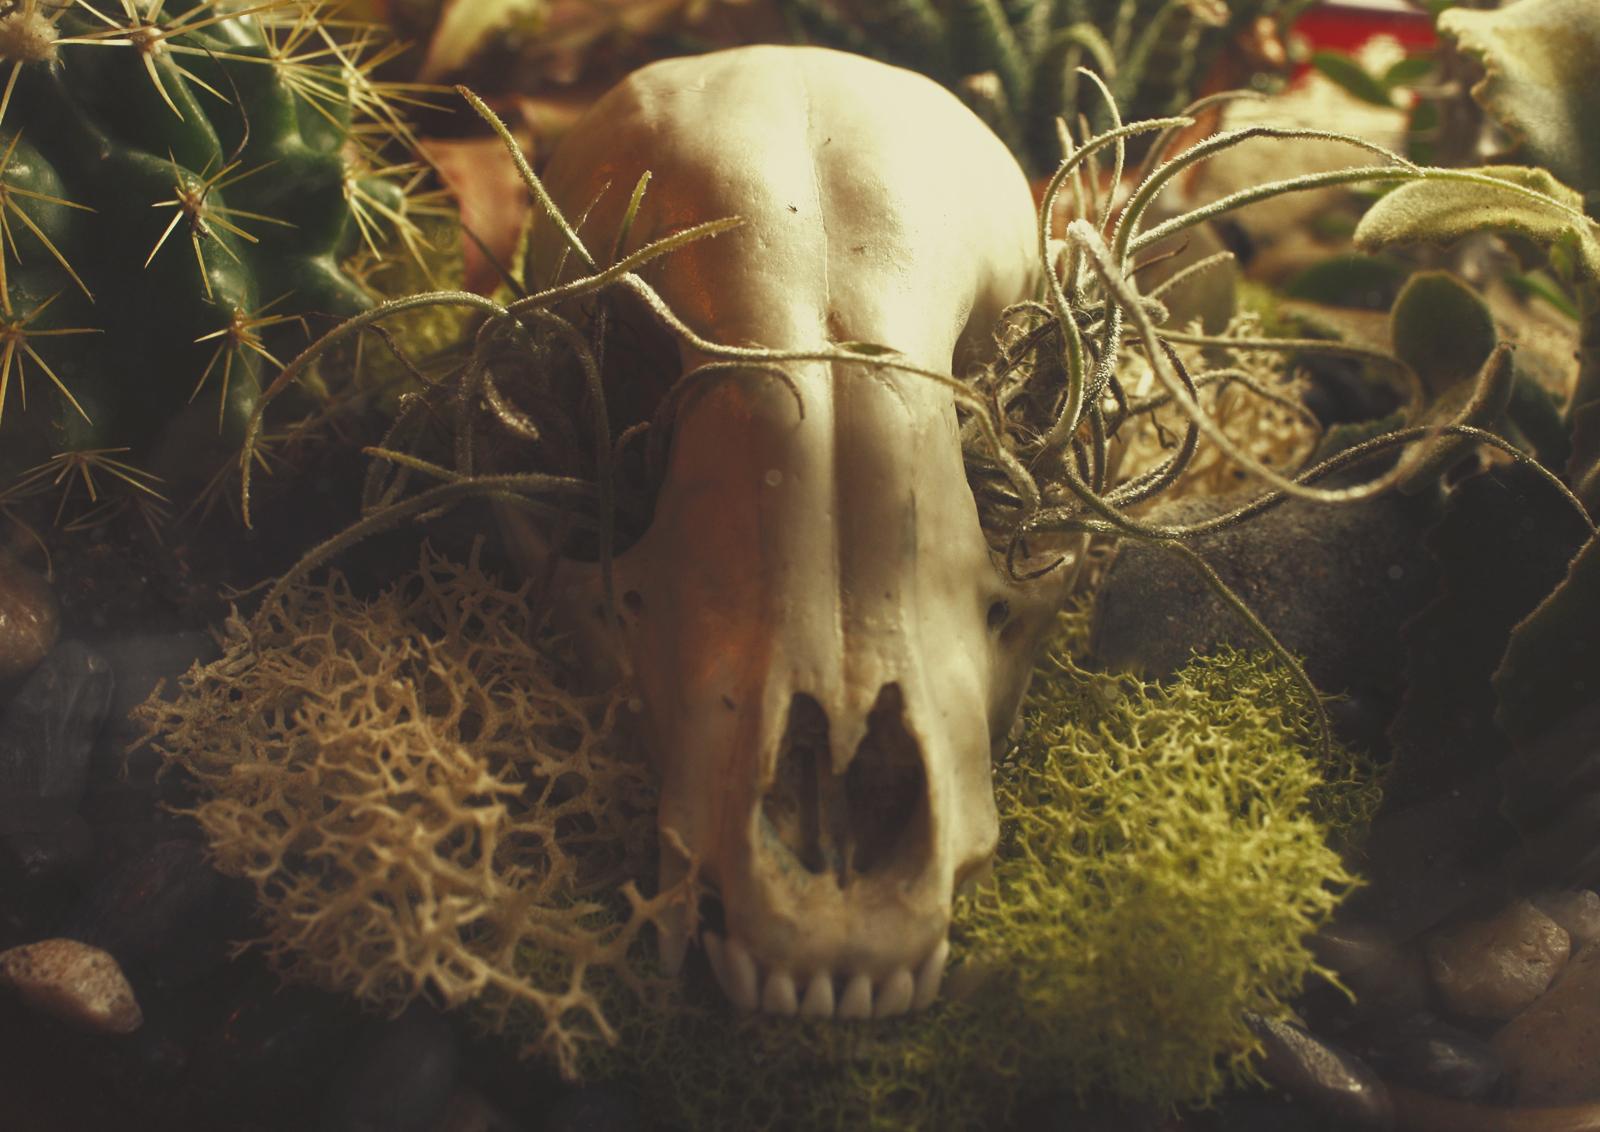 Custom Raccoon Skull Succulent Terrarium with Quartz Crystal